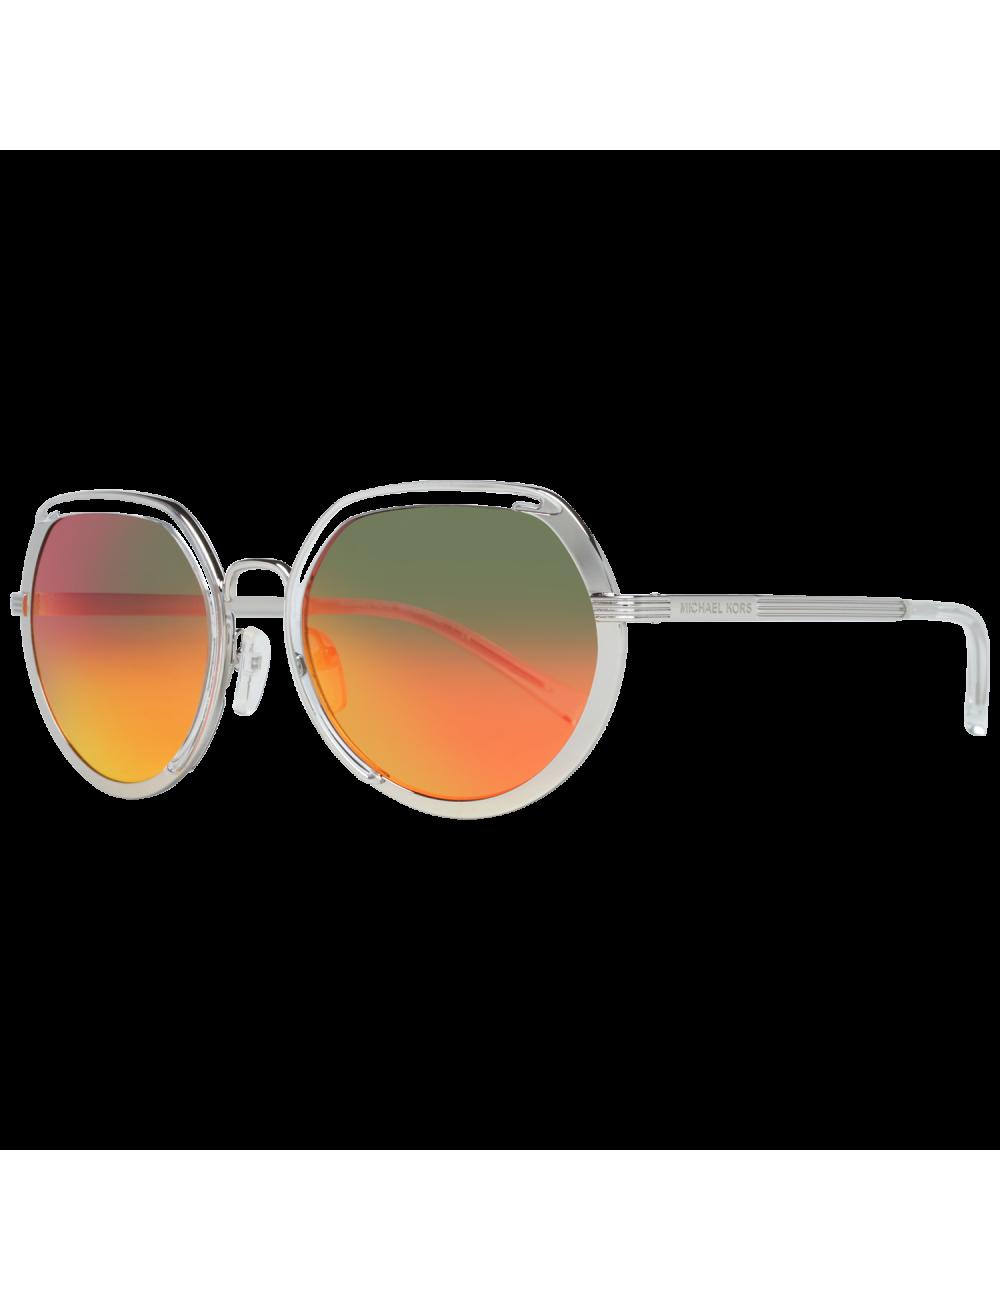 Michael Kors Sunglasses MK1034 3050A8 53